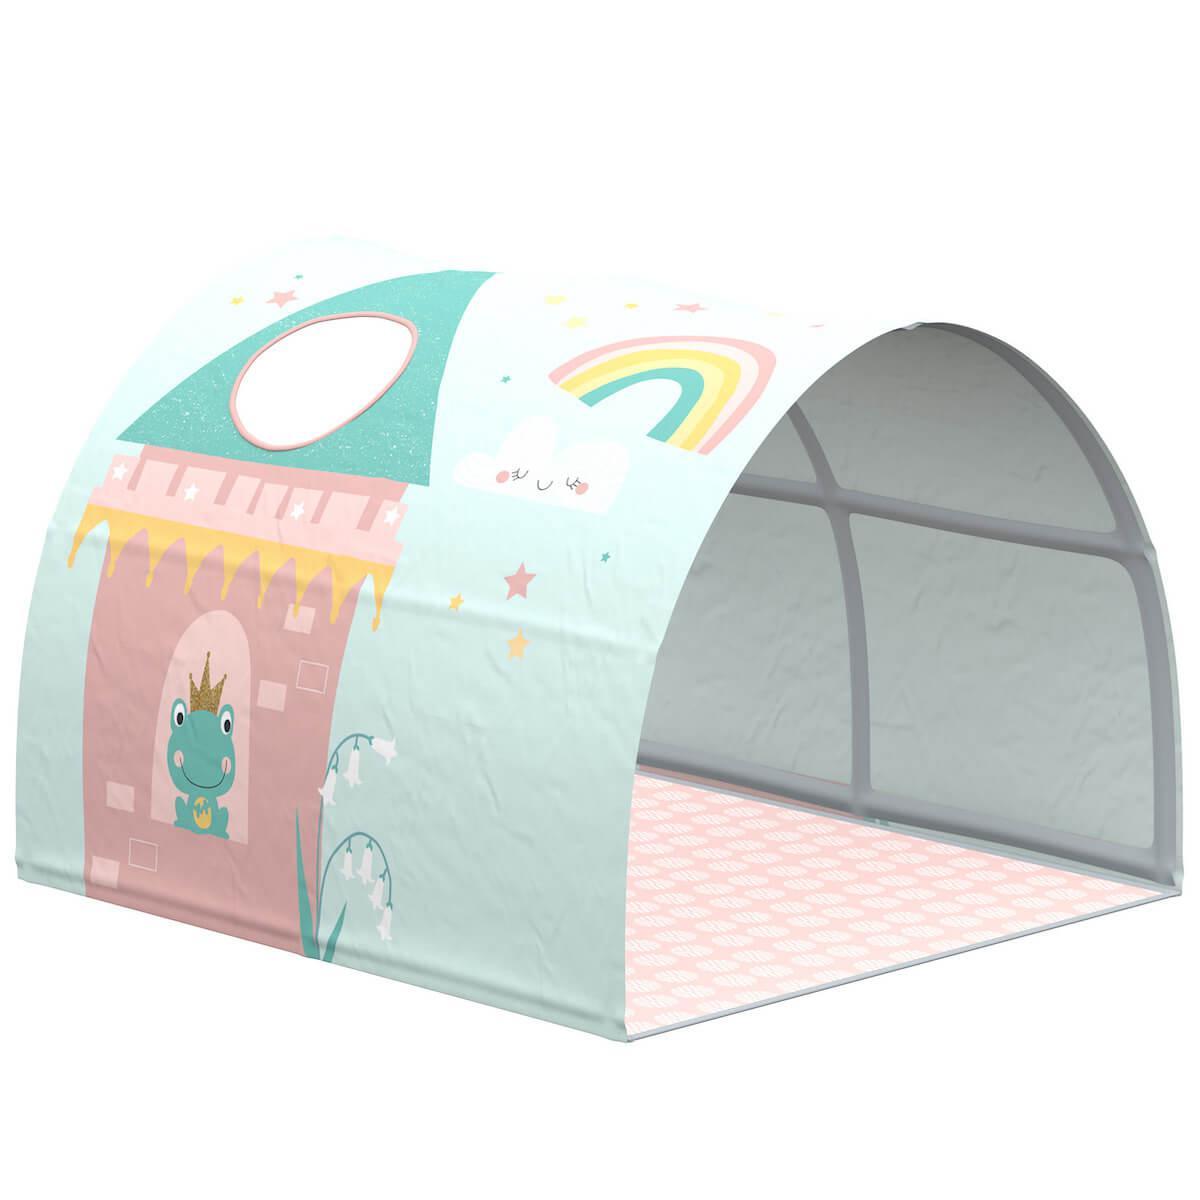 Cueva juego camas infantiles PRINCESA Flexa